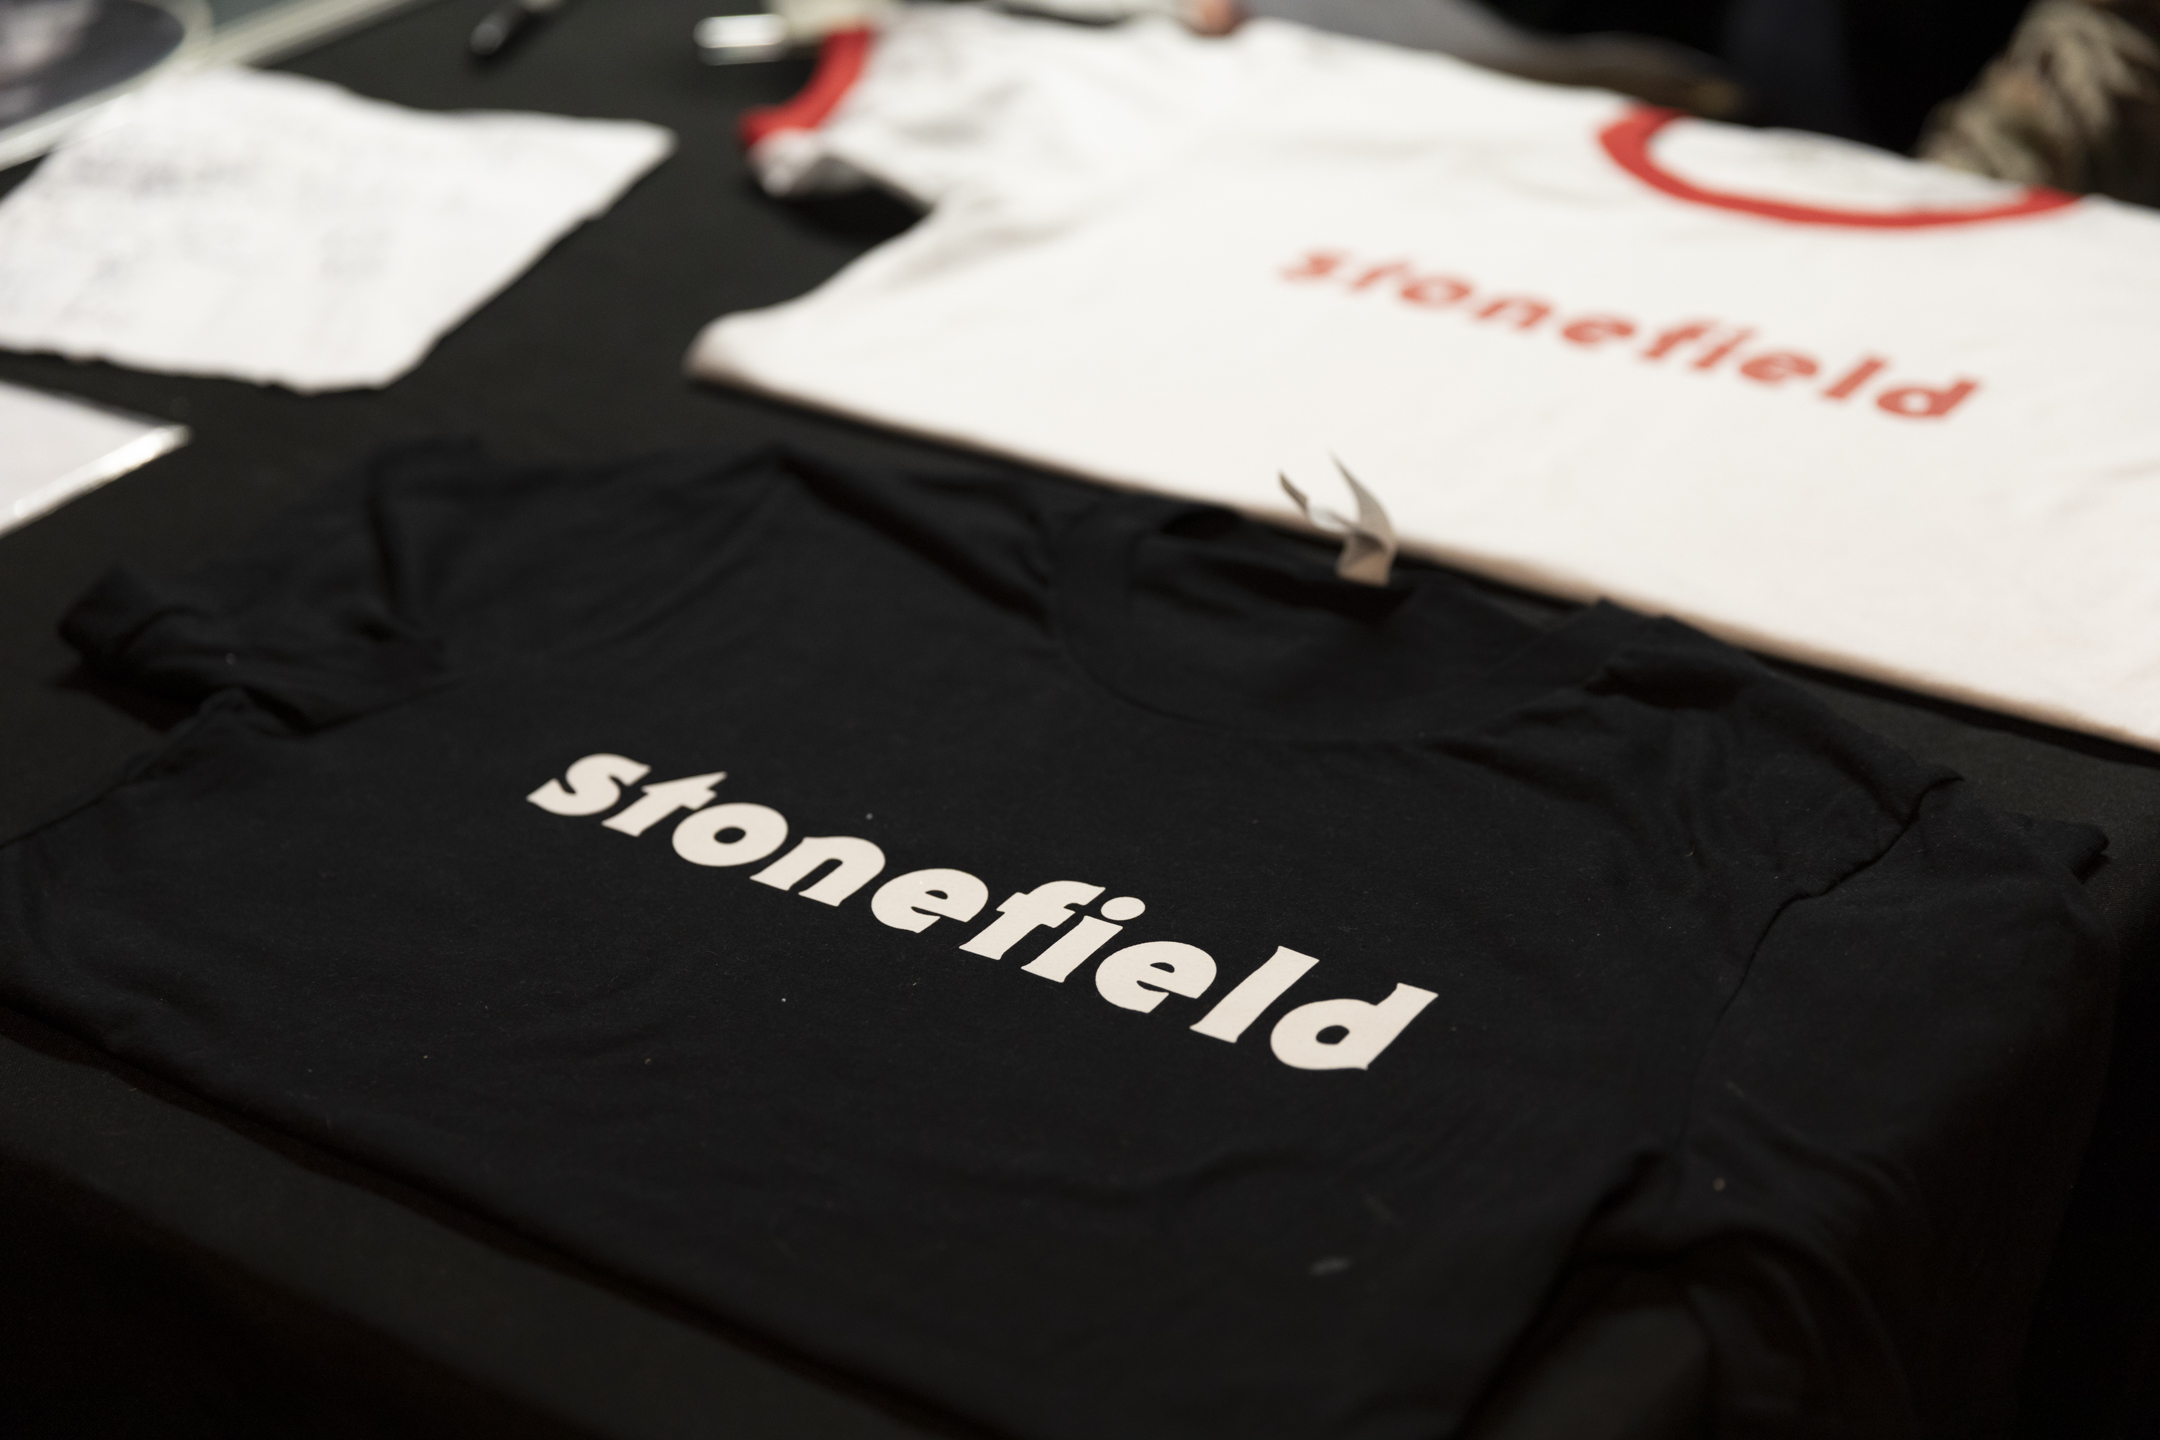 Stonefield_24.jpg